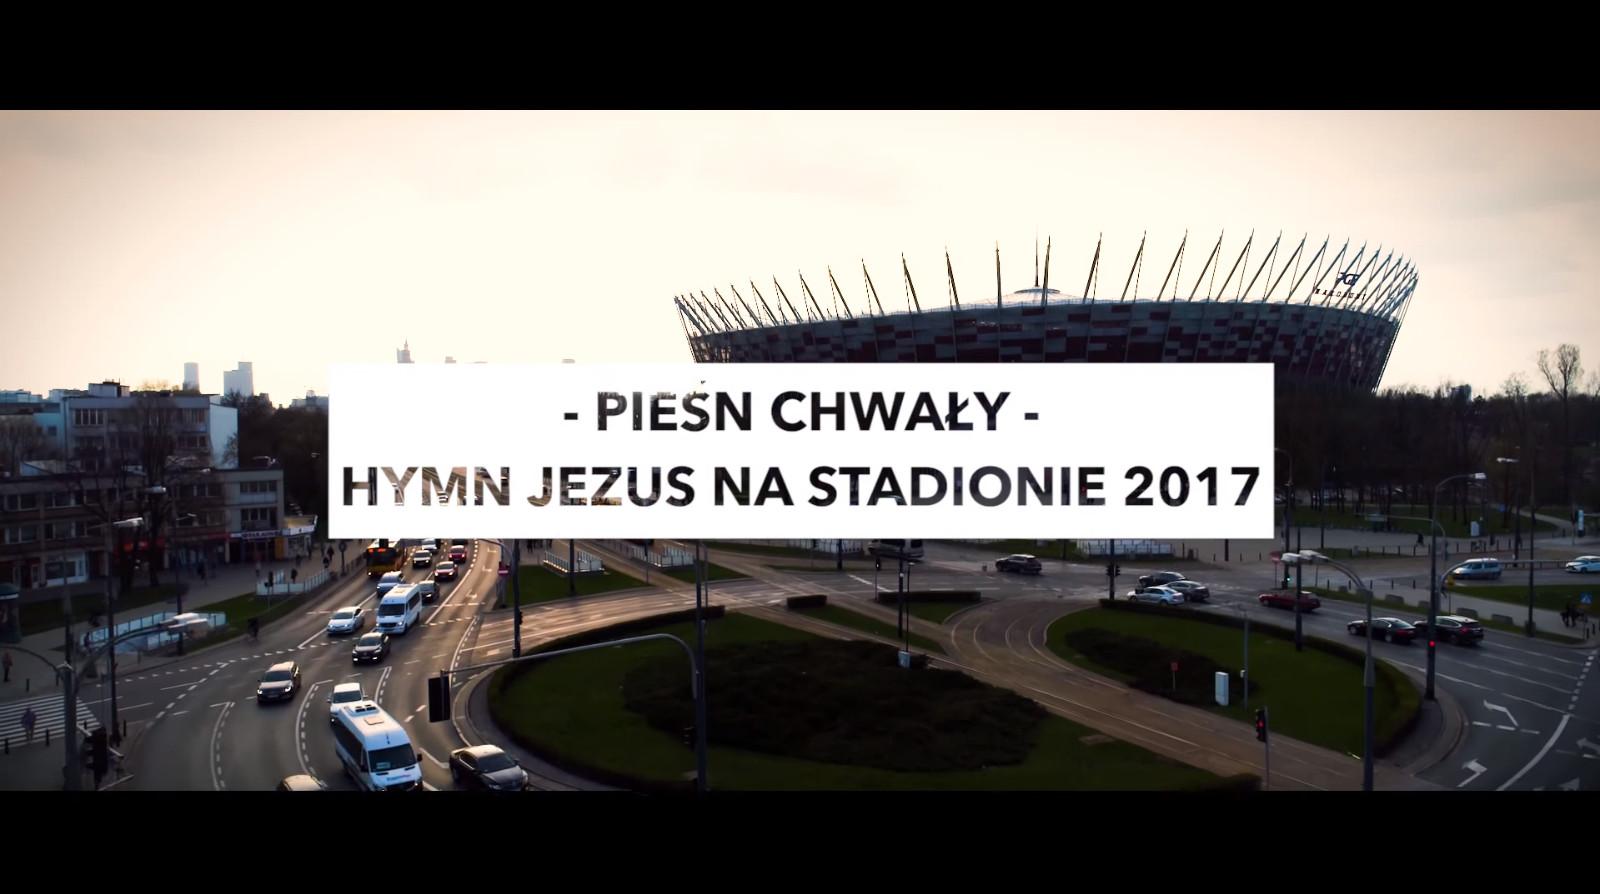 Hymn Jezus na Stadionie 2017